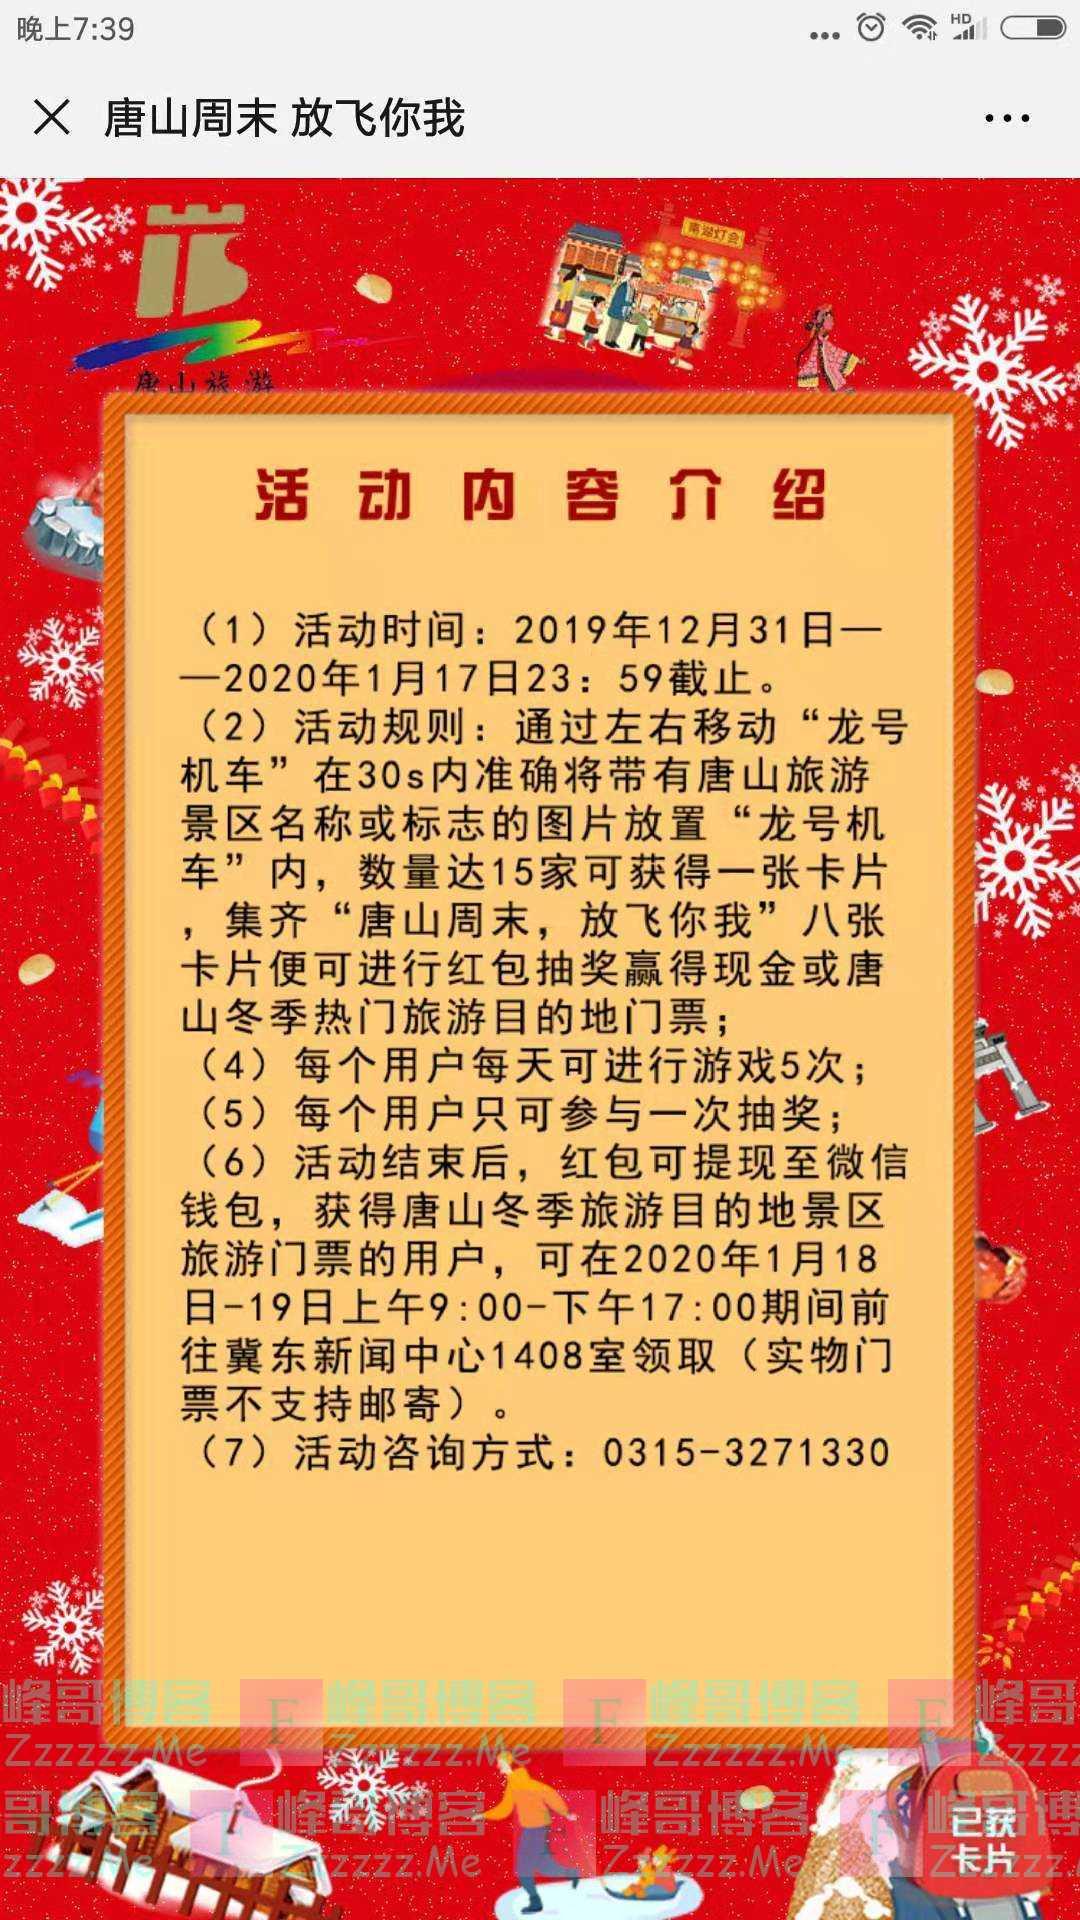 滦州旅游玩游戏 领红包(截止1月17日)